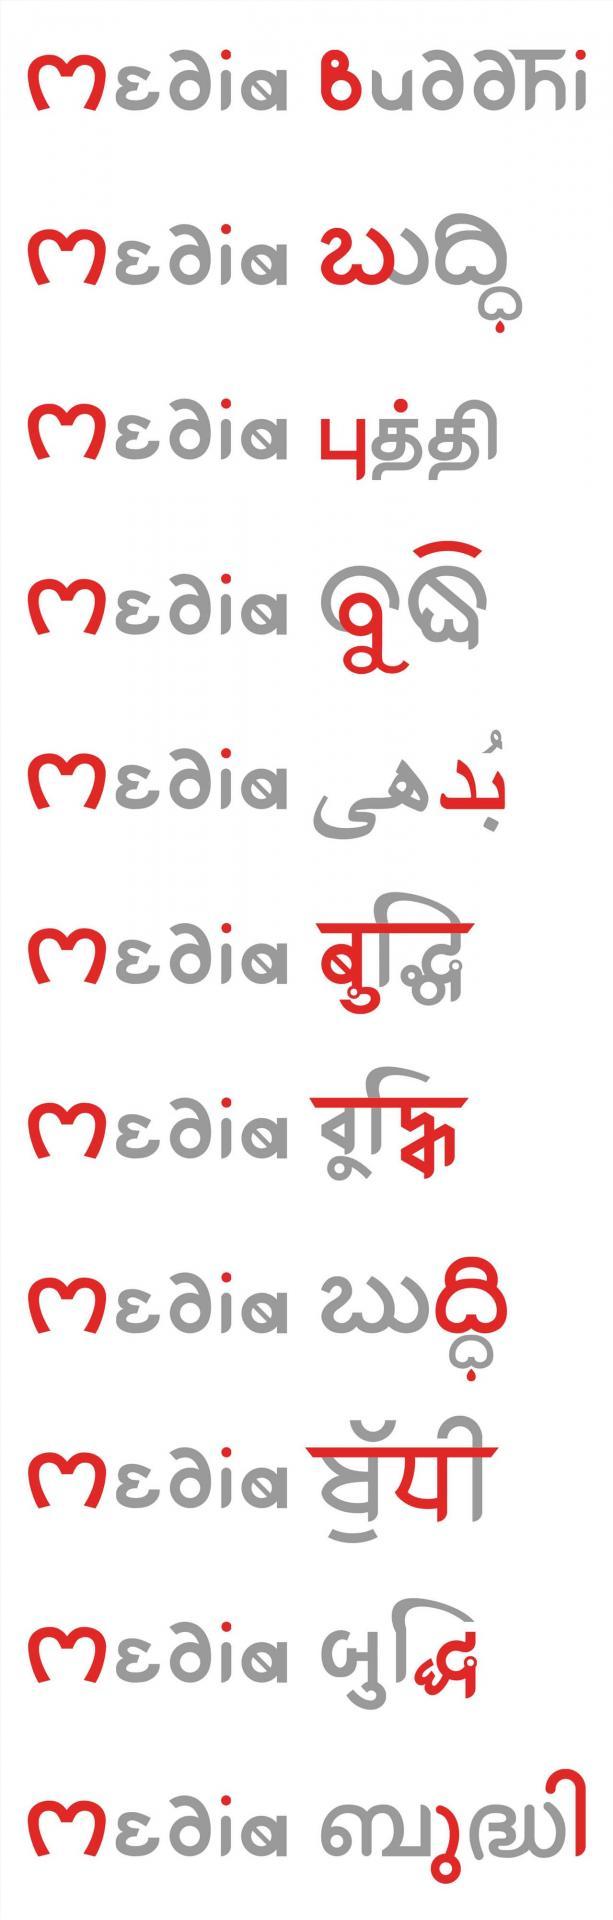 Sml mediabuddhi04